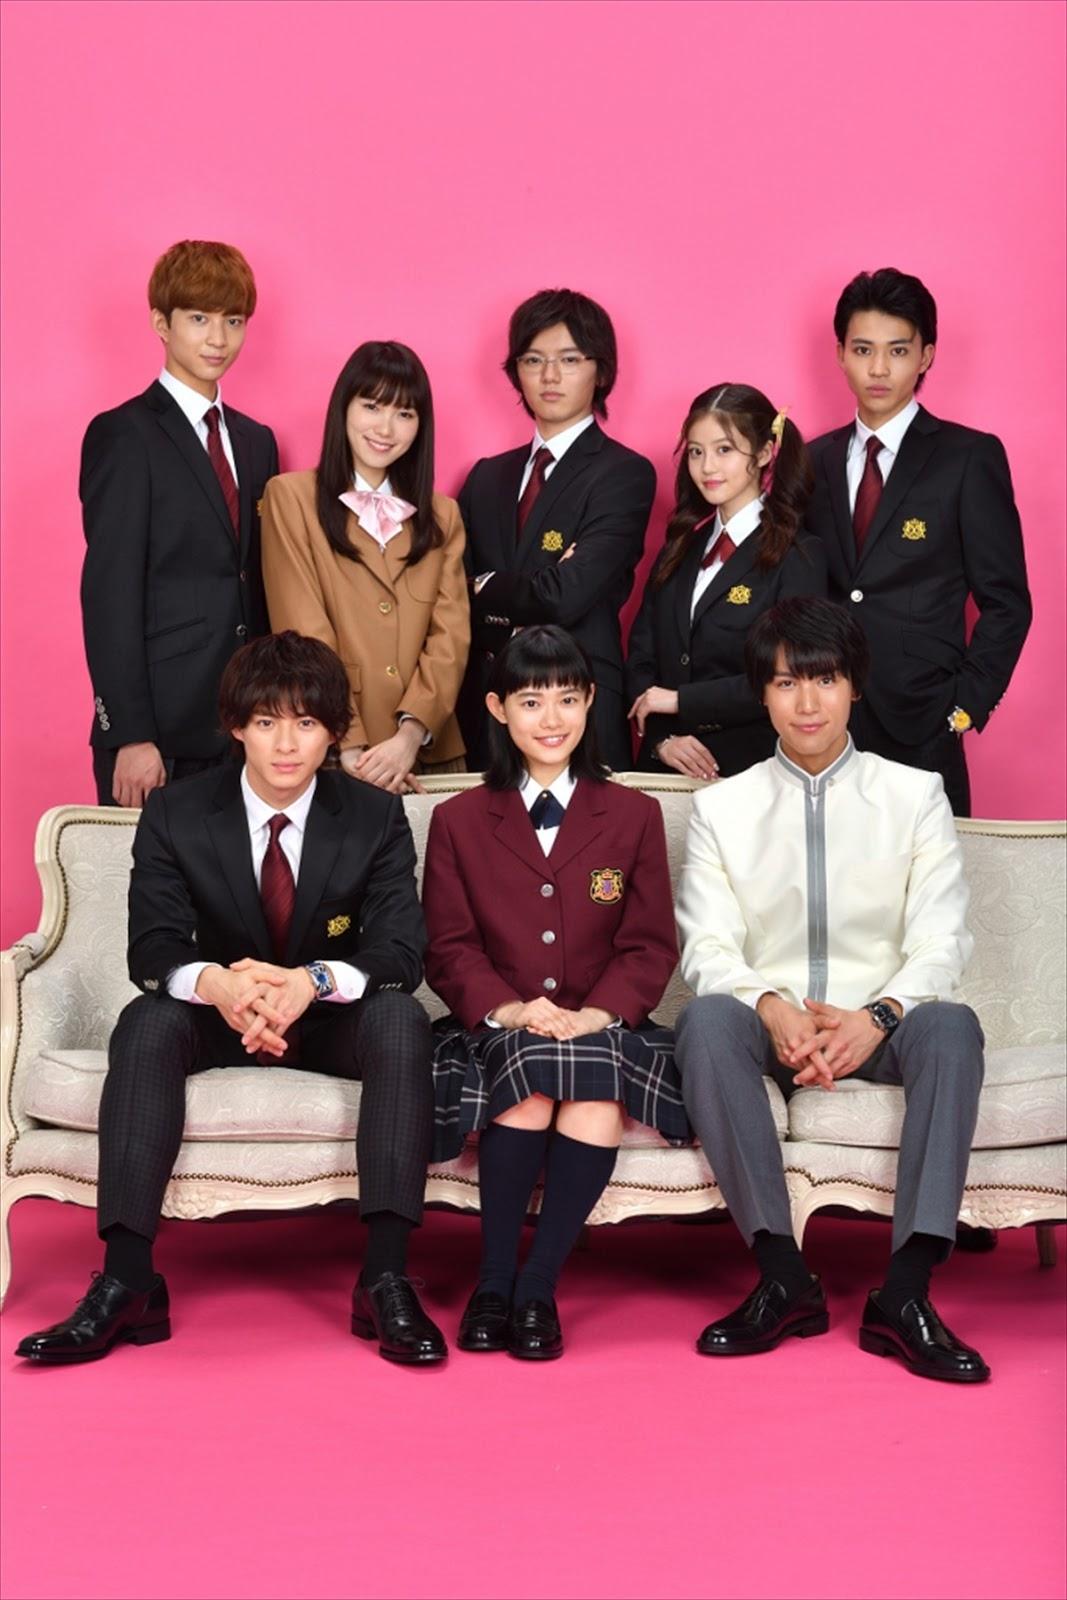 Hana Yori Dango - dorama da segunda temporada tem elenco da C5 anunciado